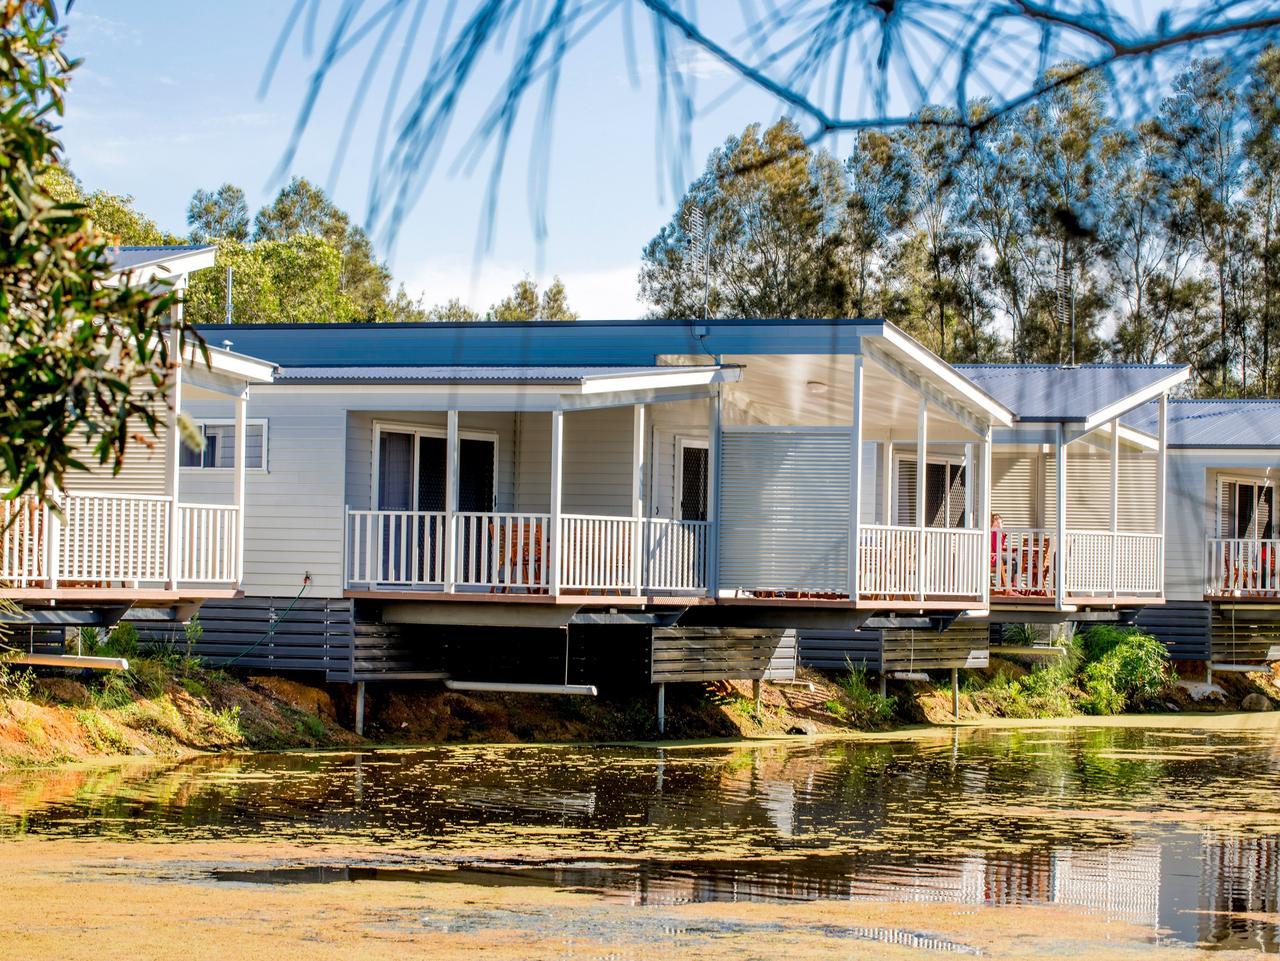 Best caravan parks Australia: Discovery Parks, glamping | escape